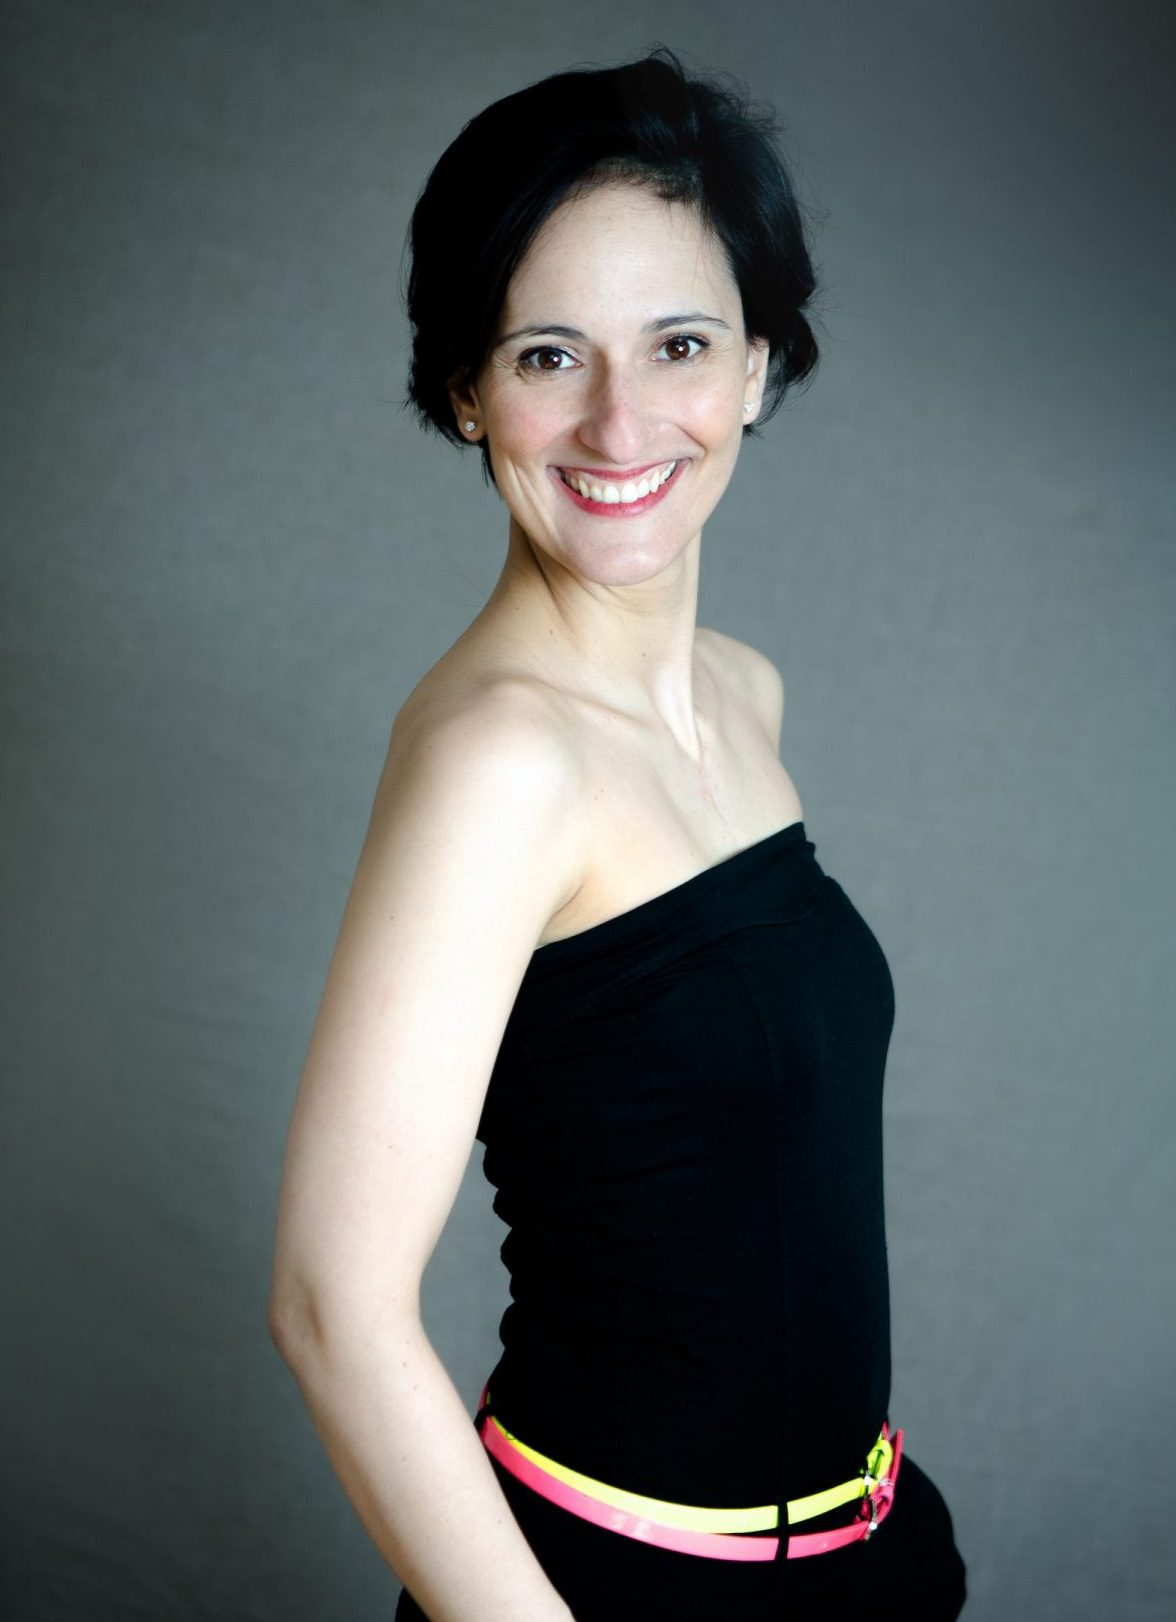 Nadia Alami en shooting photo par Ingrid Mareski